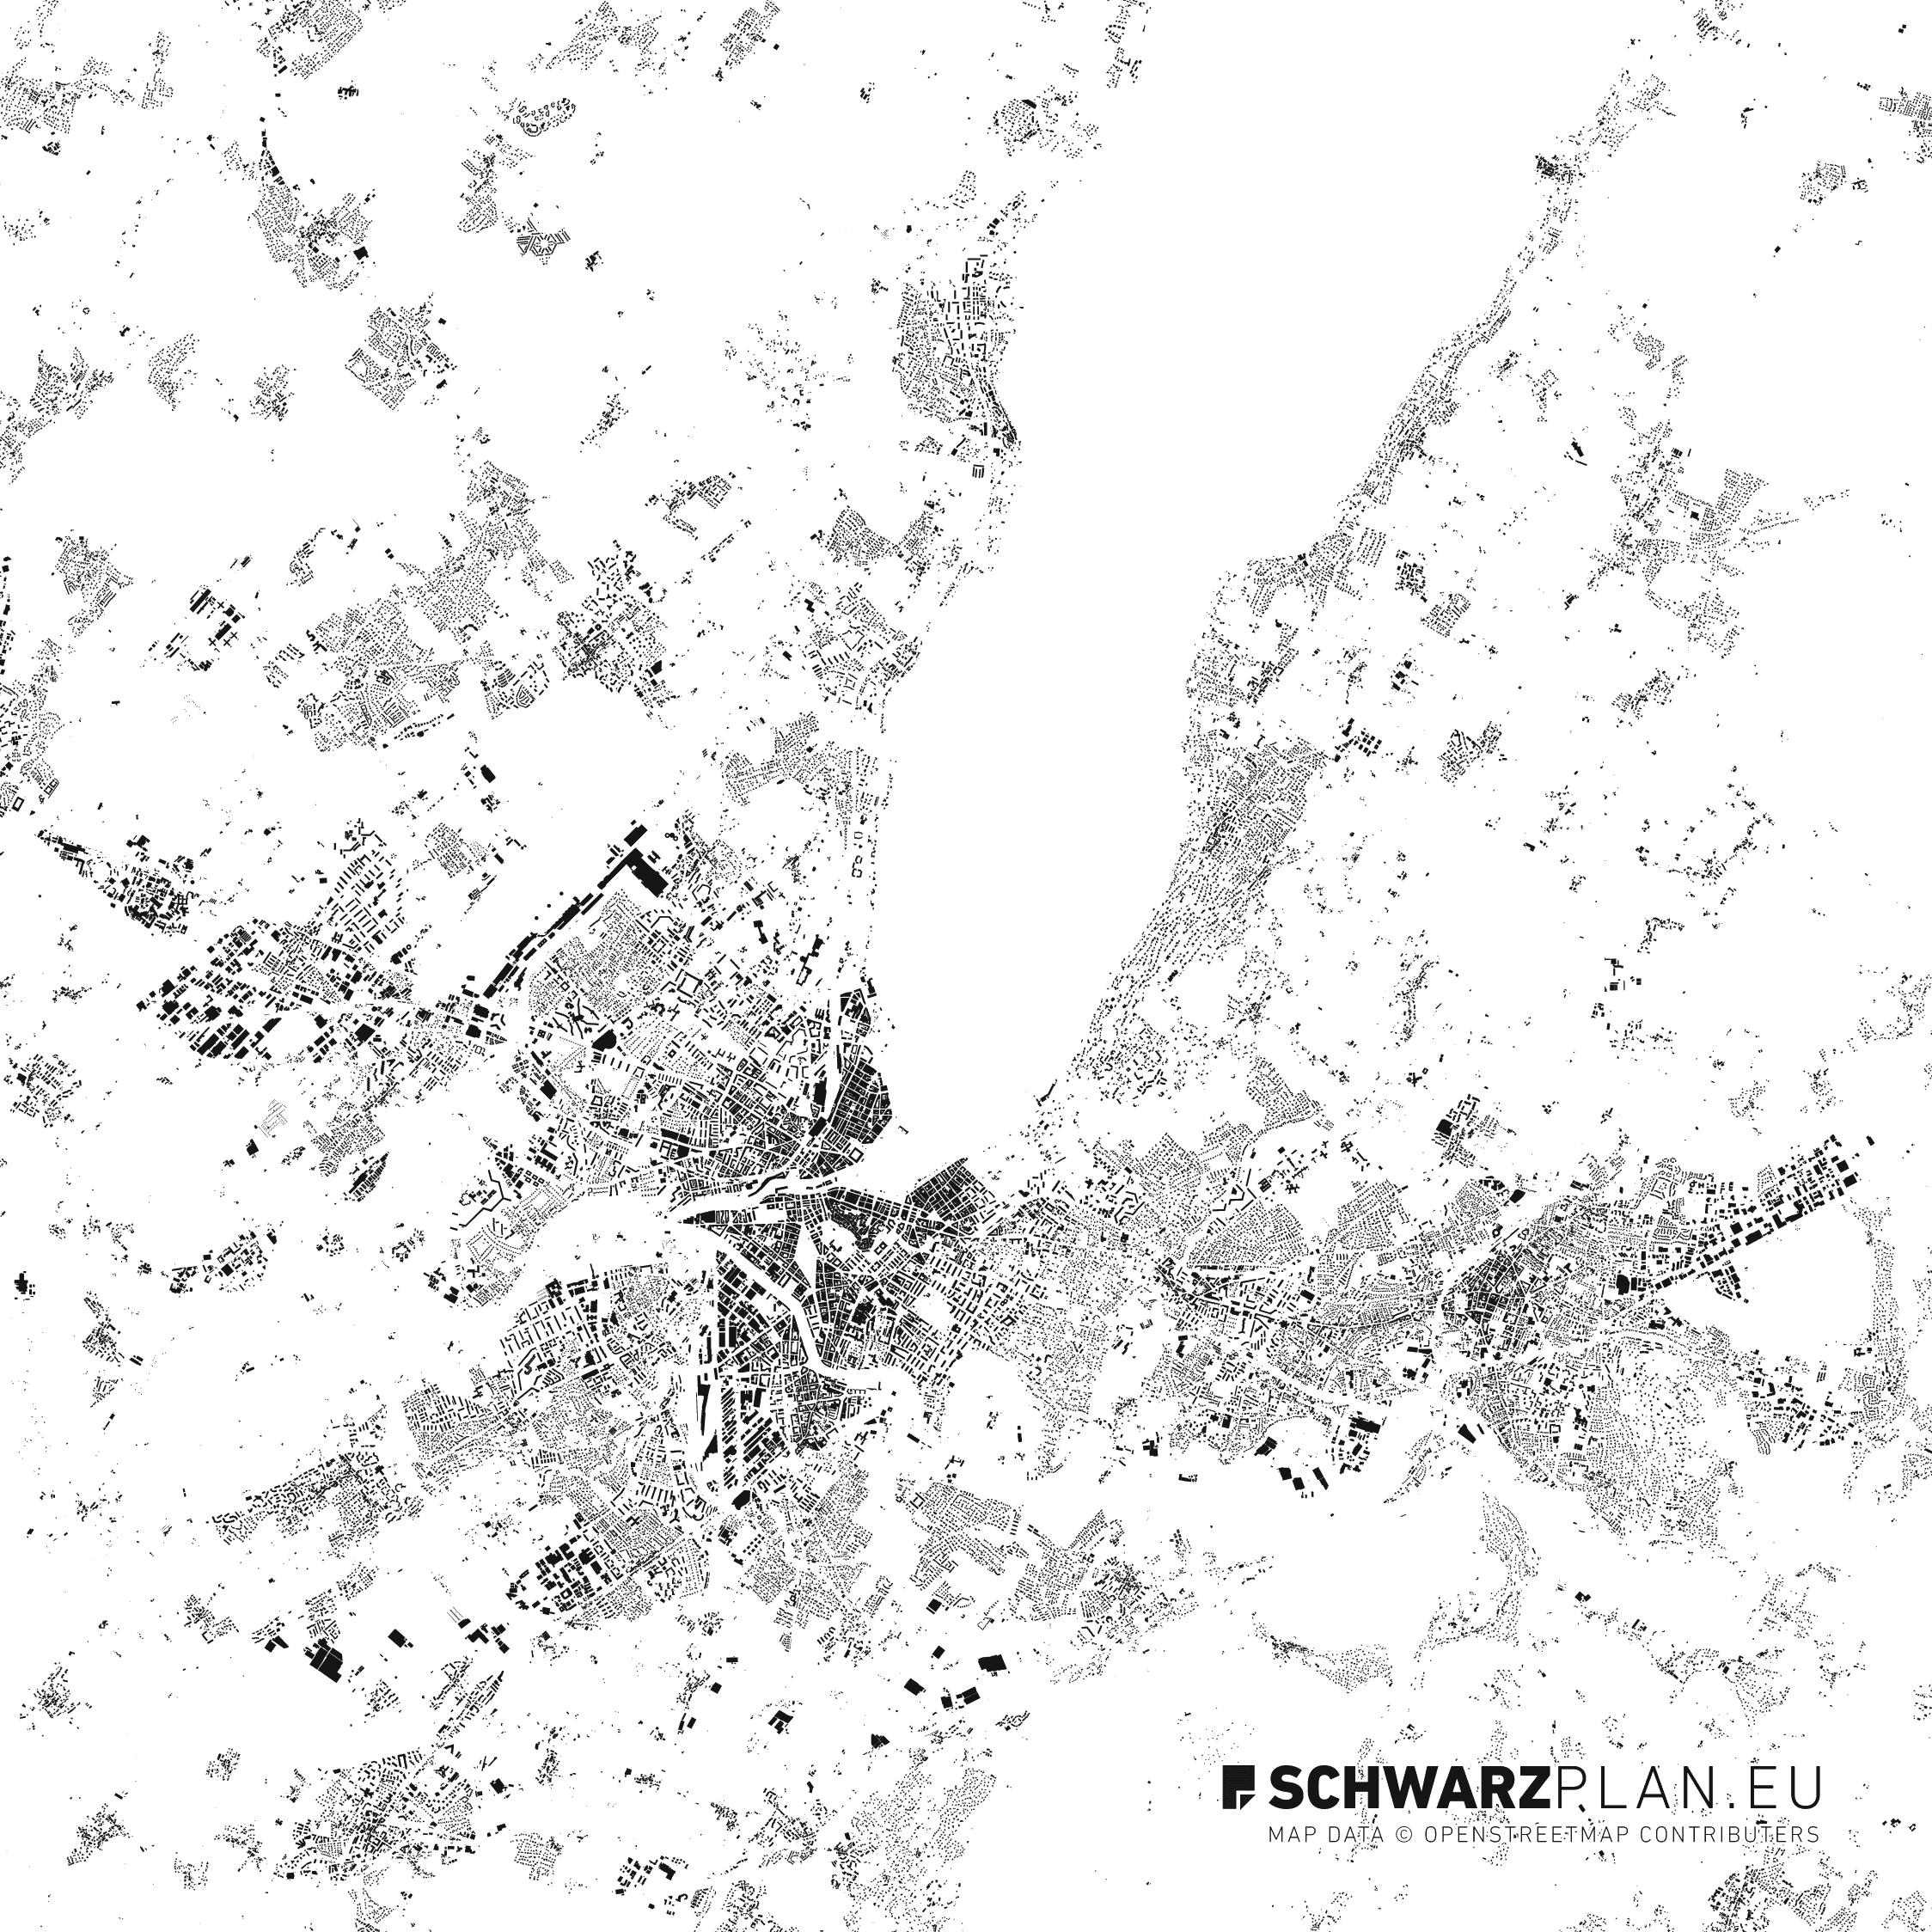 Lageplan & Schwarzplan von Genf zum Download als PDF on